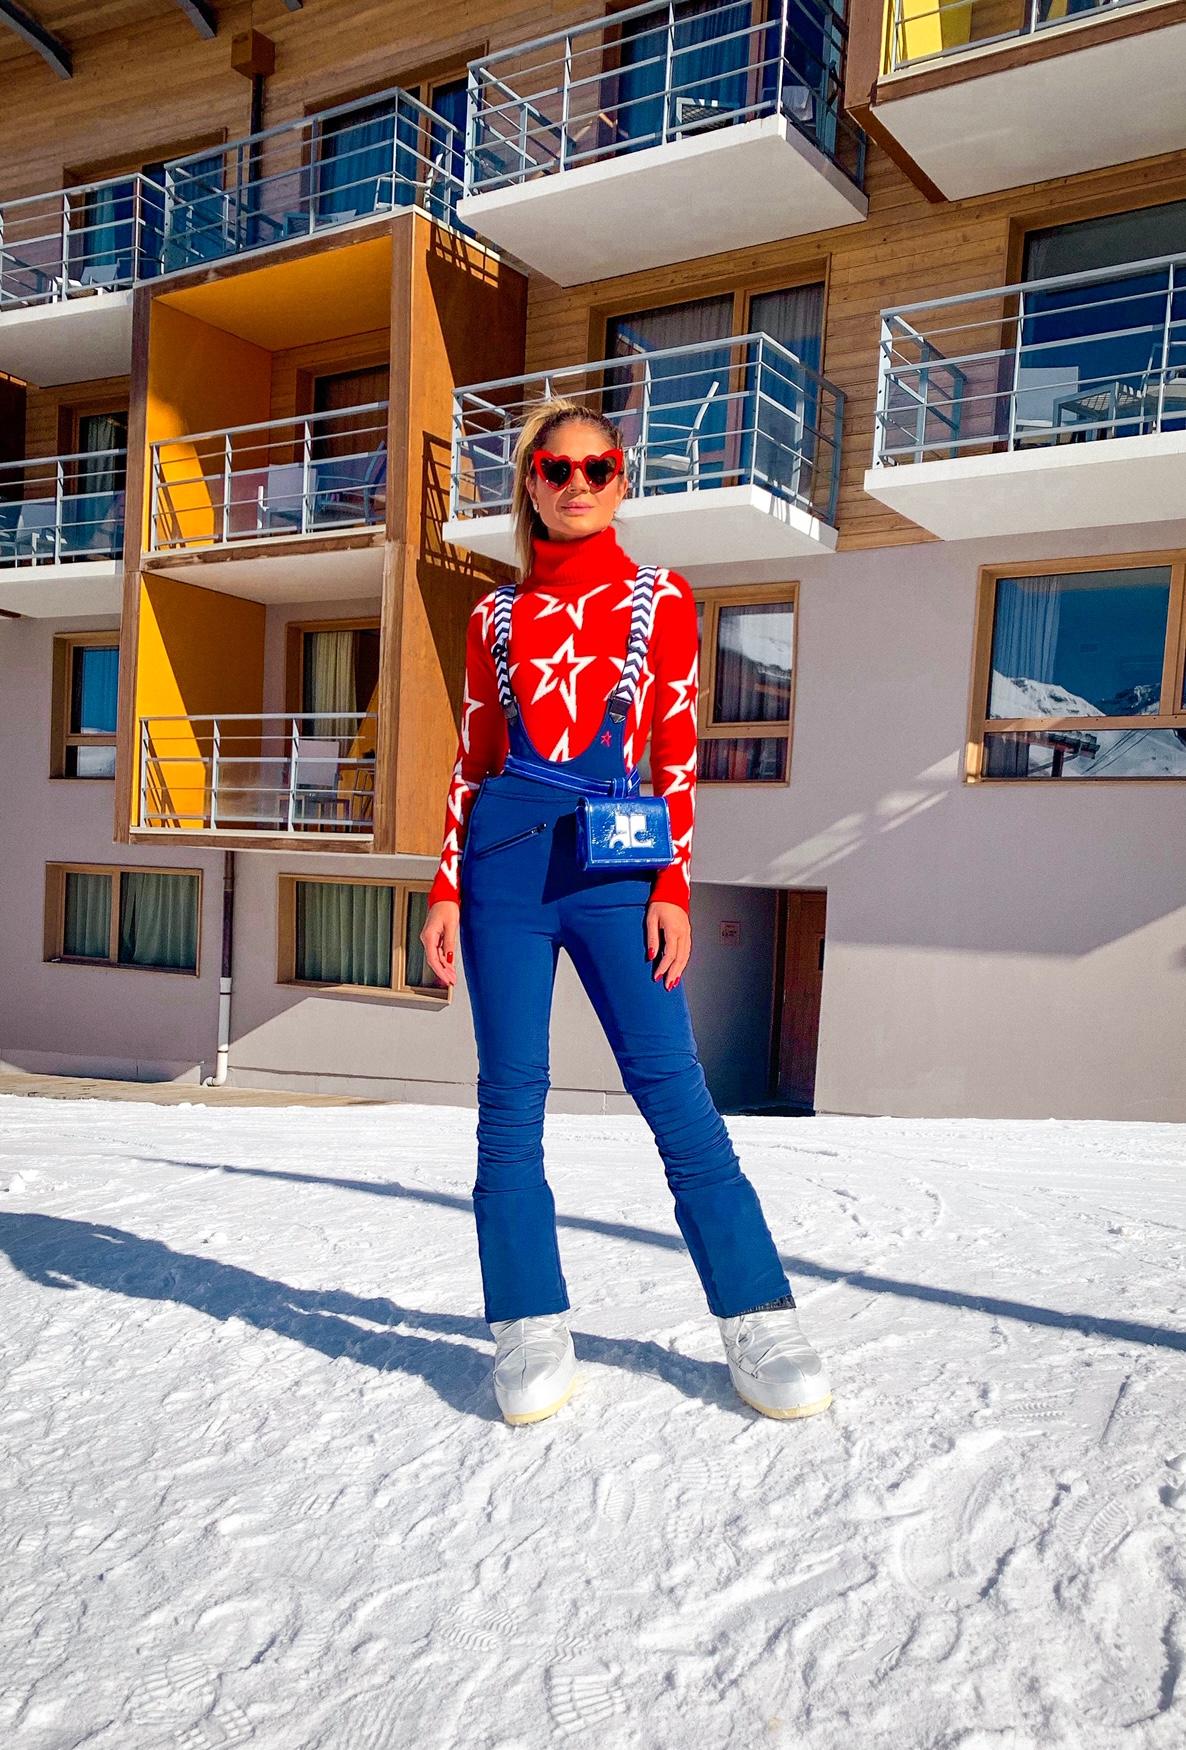 Thássia esqui estrelinhas vermelho azul 2